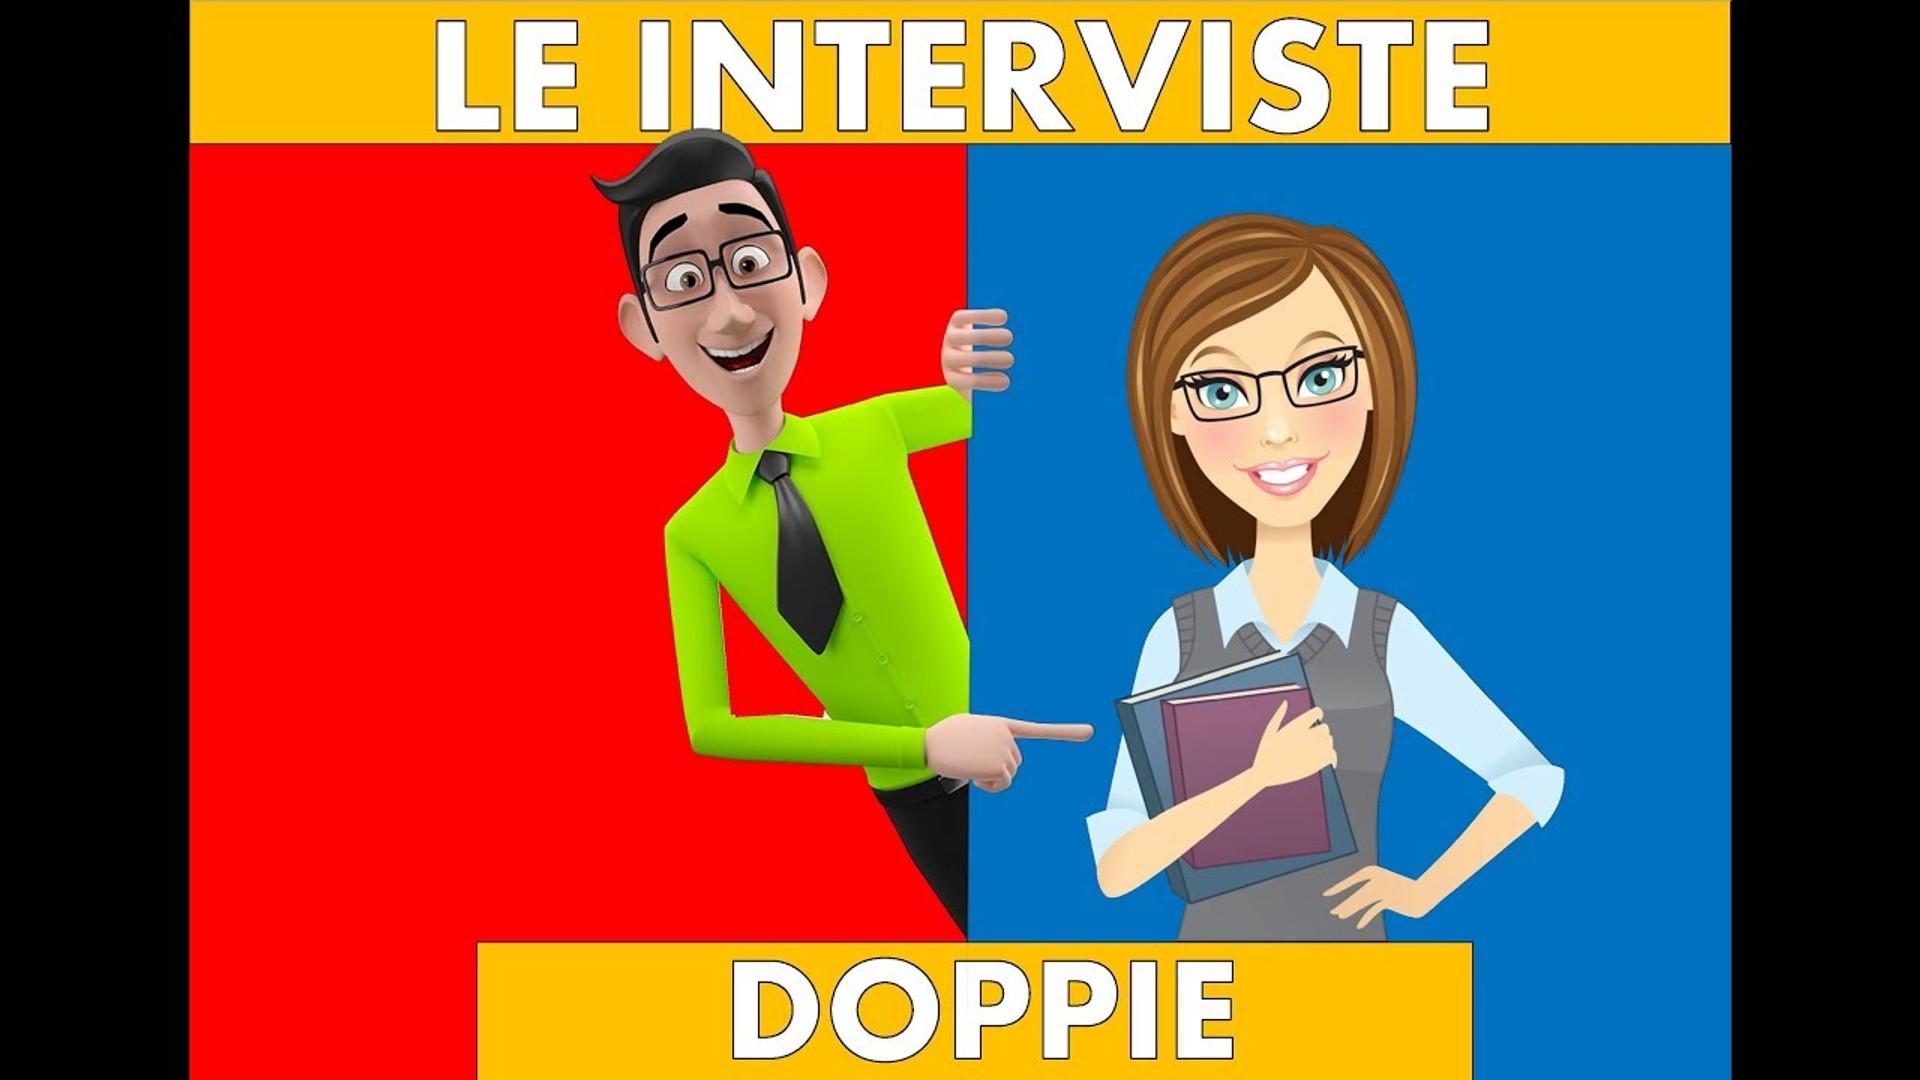 Le Interviste Doppie